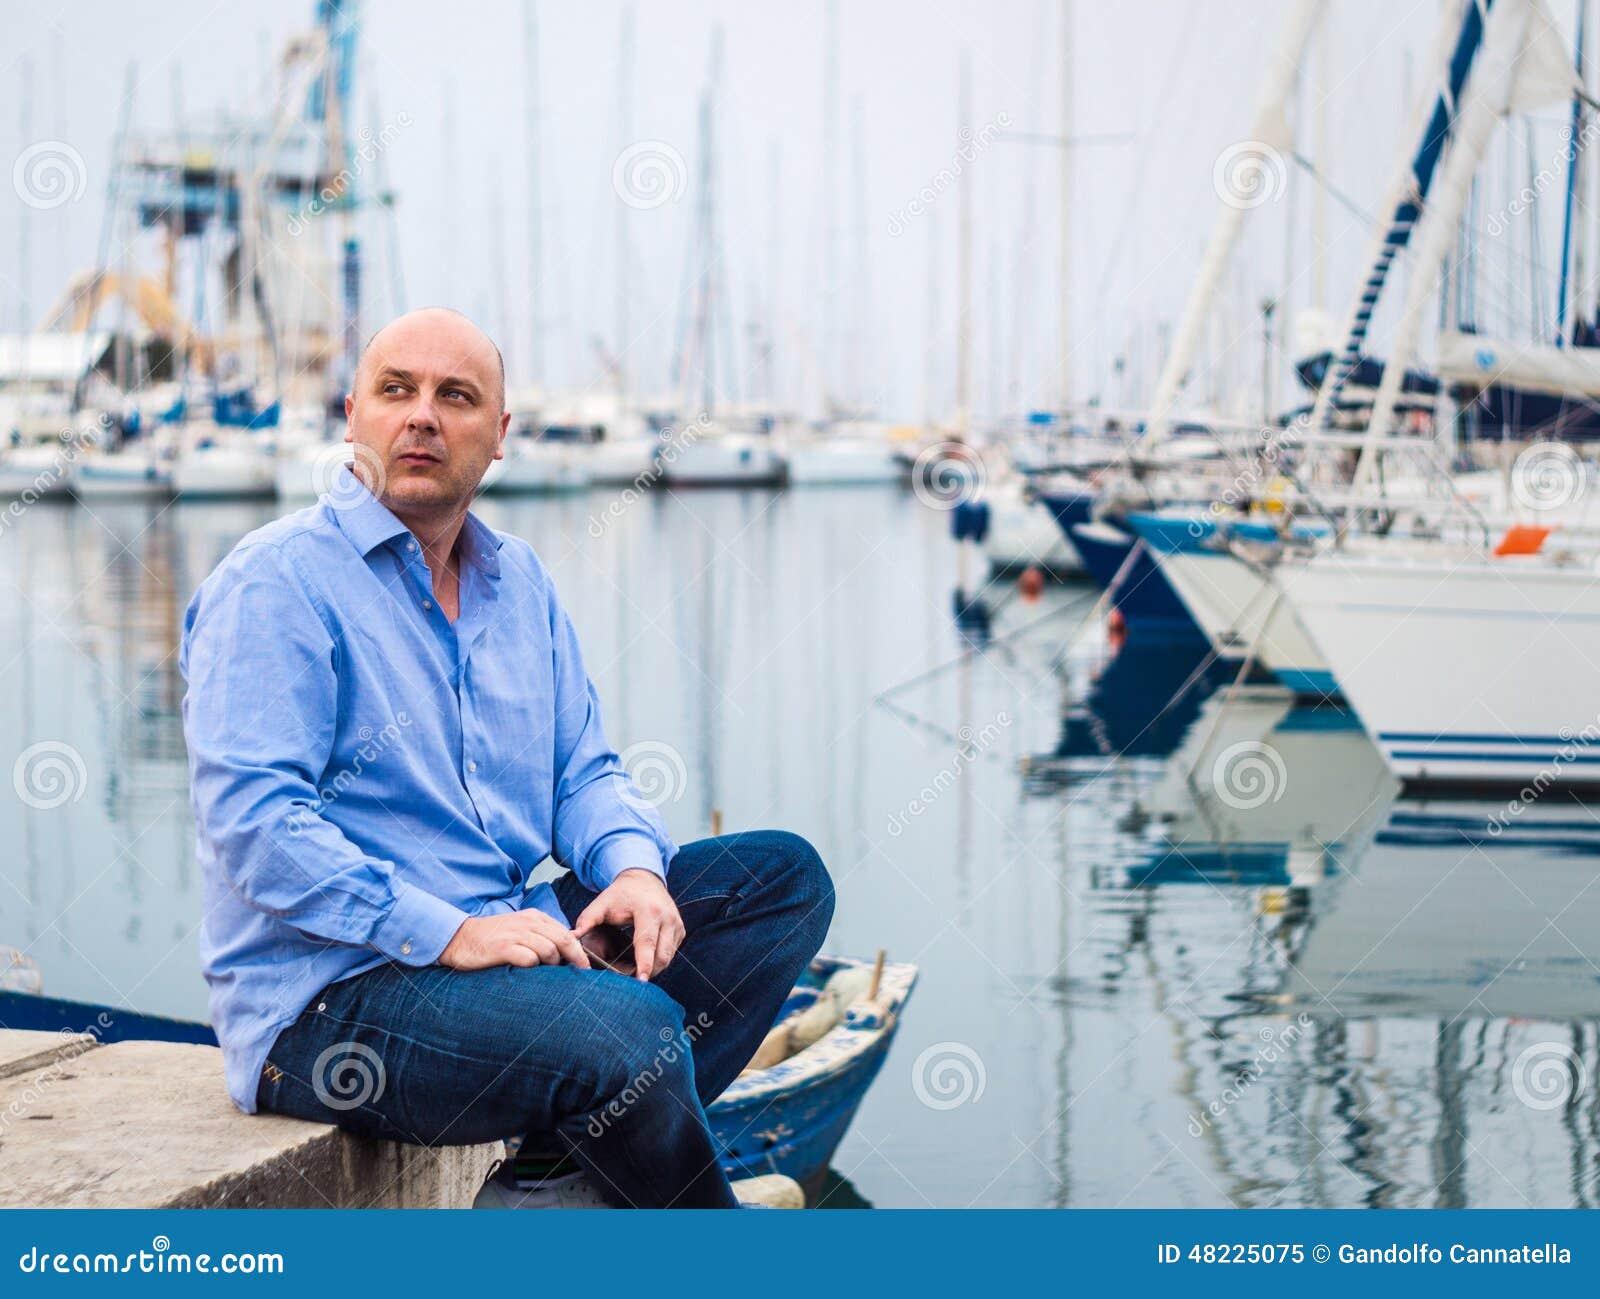 Biznesmena obsiadanie drogimi żeglowanie łodziami, jachtami w a.c. i